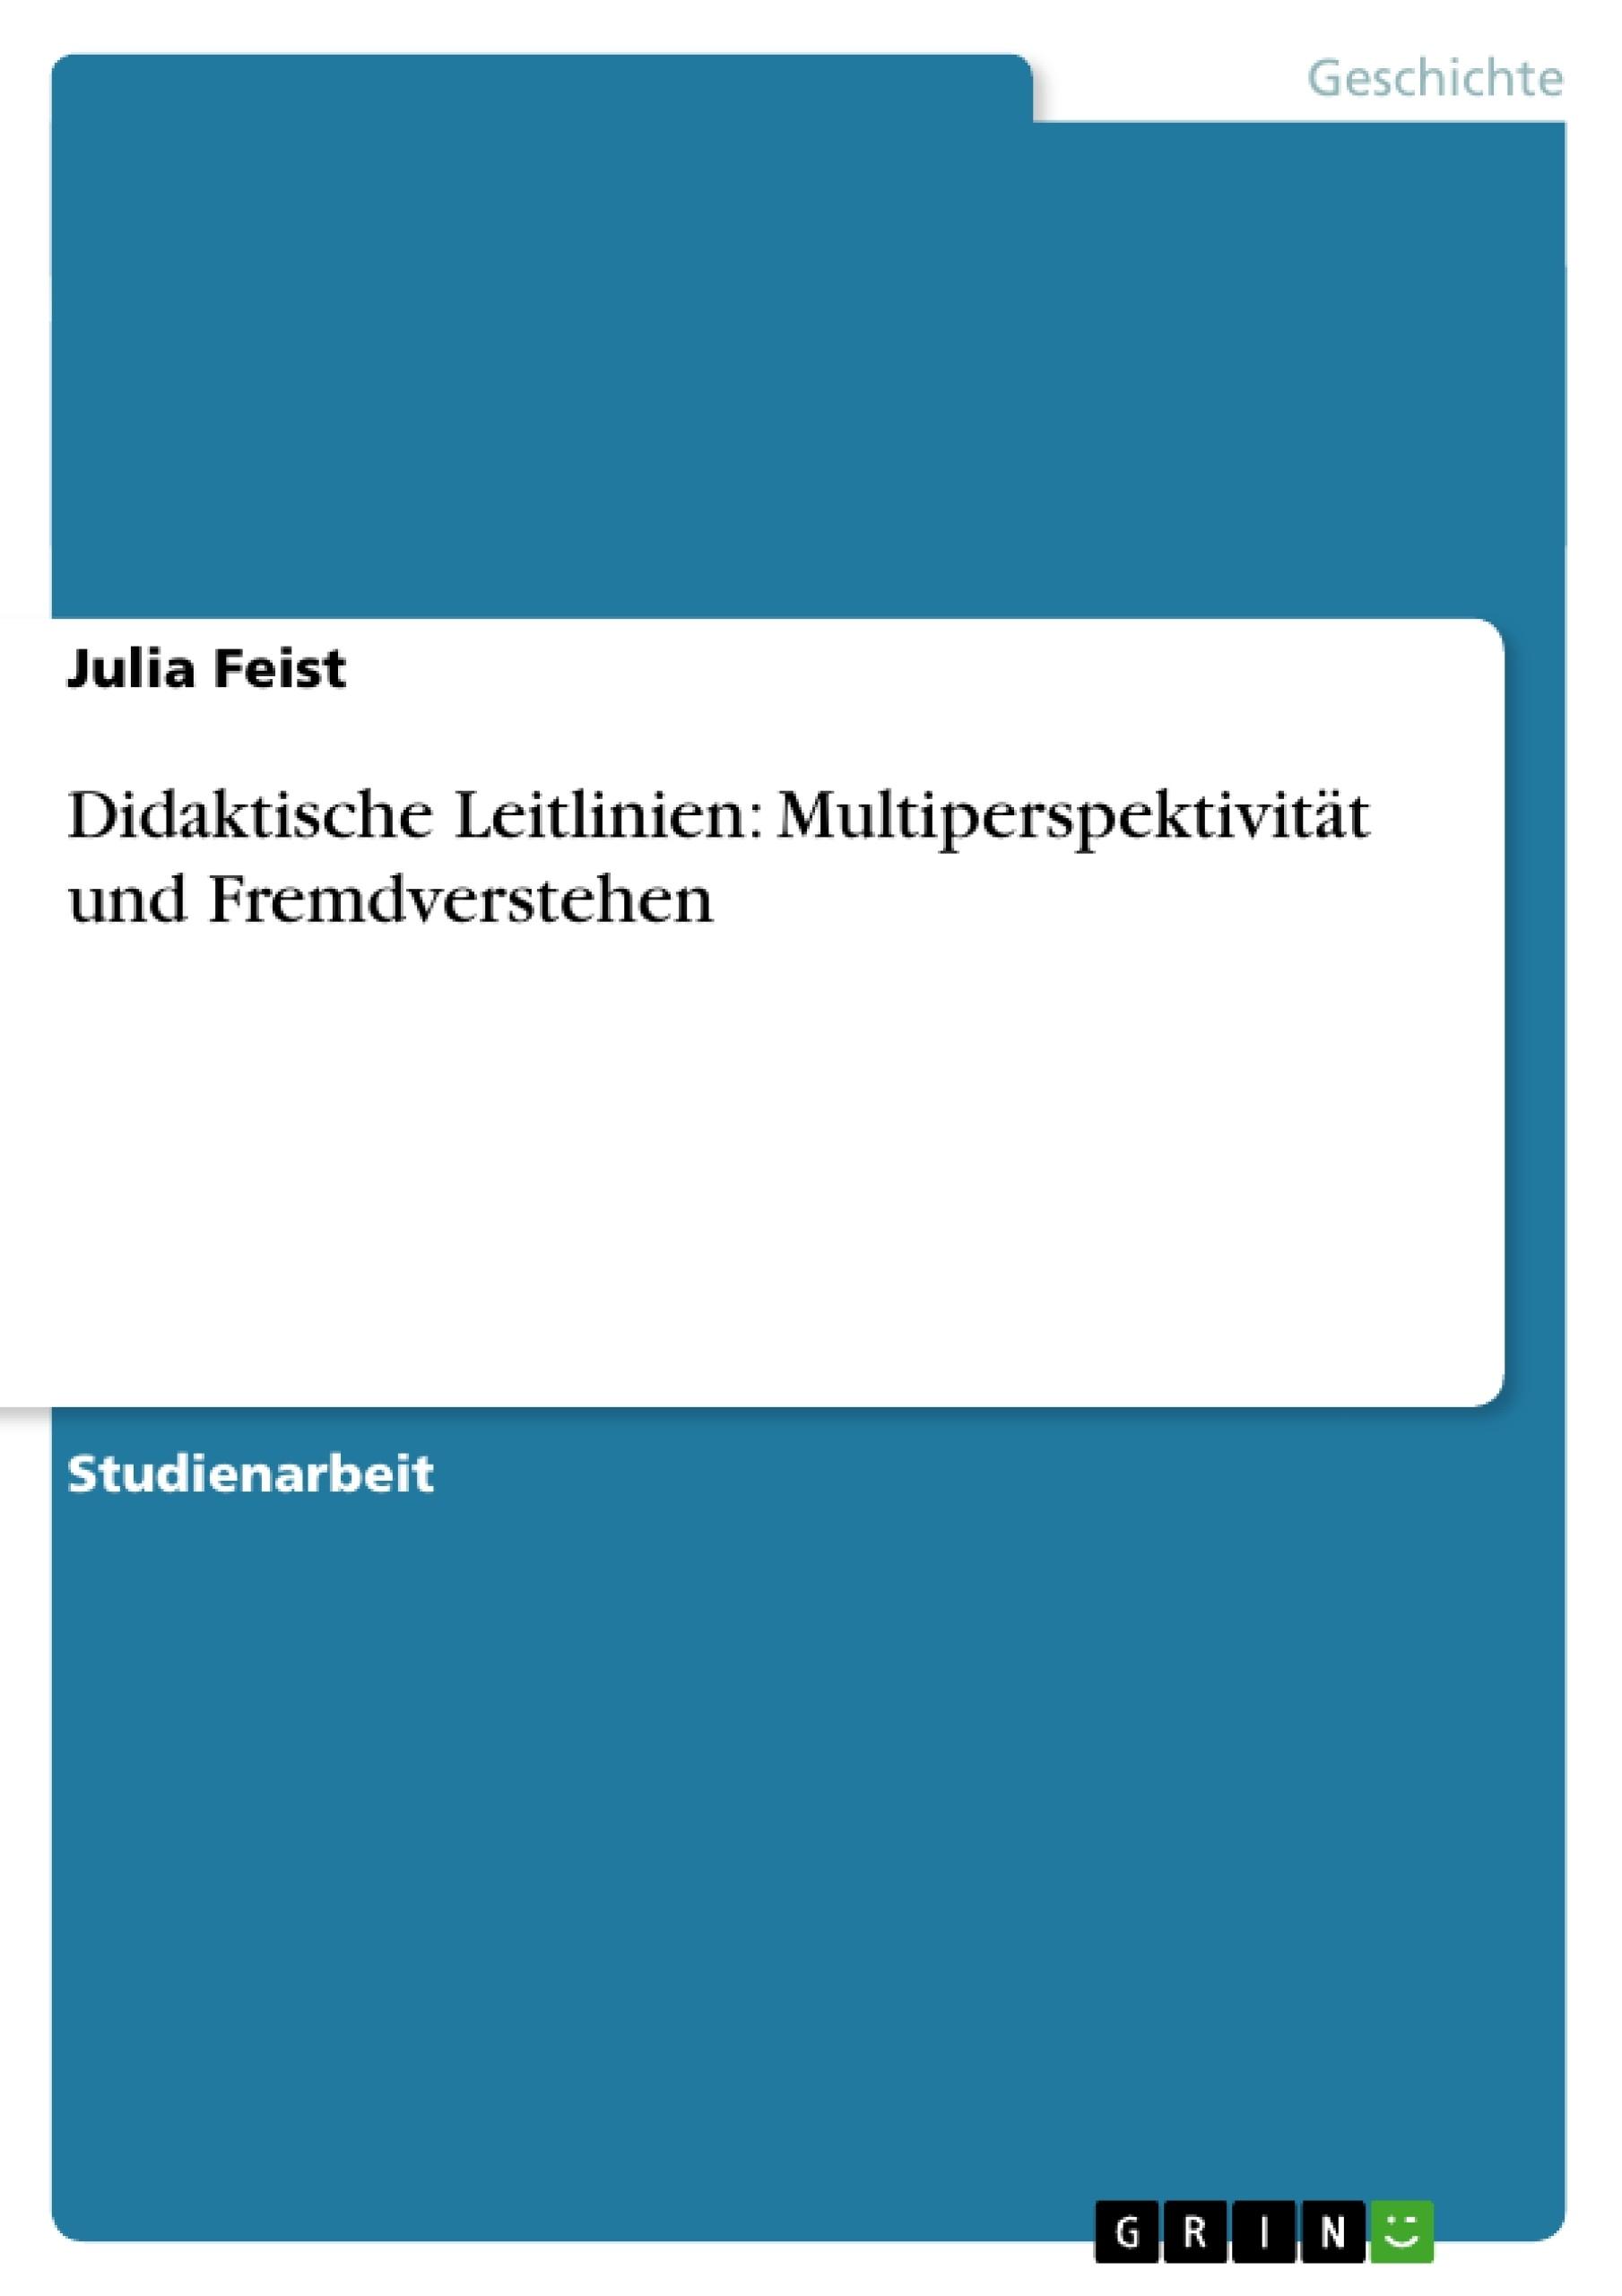 Titel: Didaktische Leitlinien: Multiperspektivität und Fremdverstehen